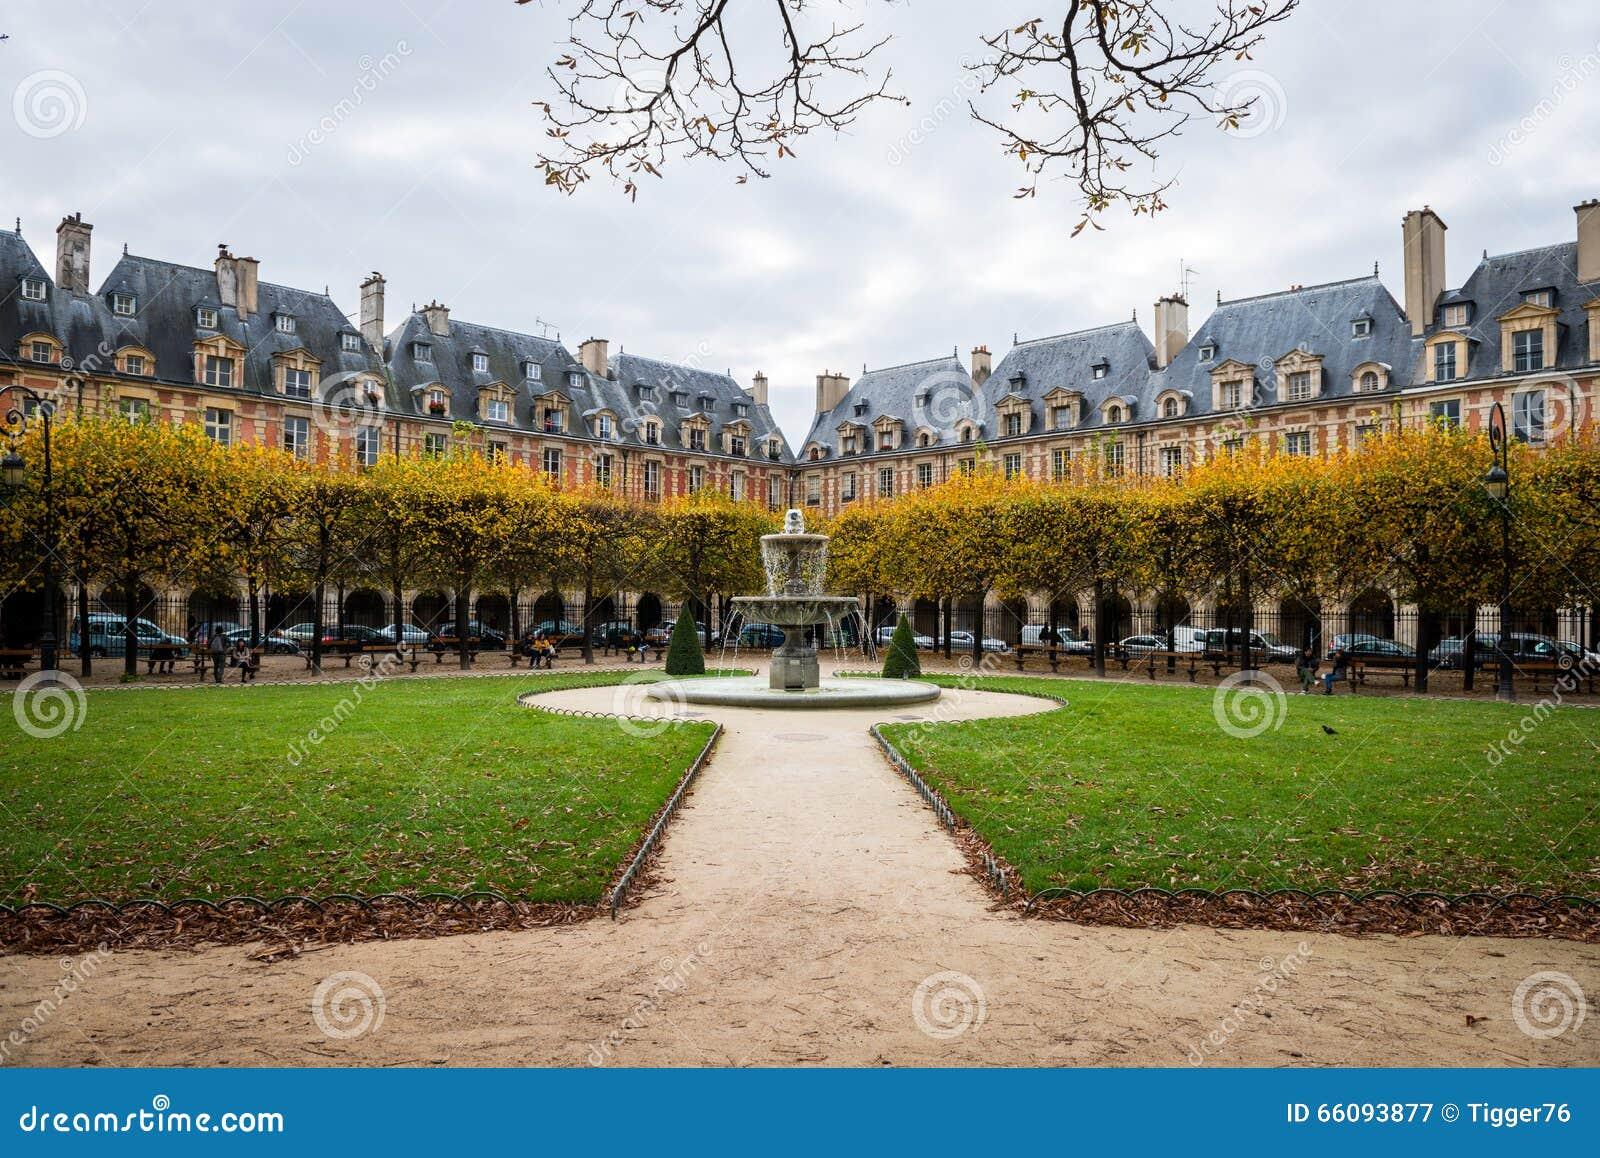 Place des vosges paris editorial photography image of - Comptoir des cotonniers place des vosges ...